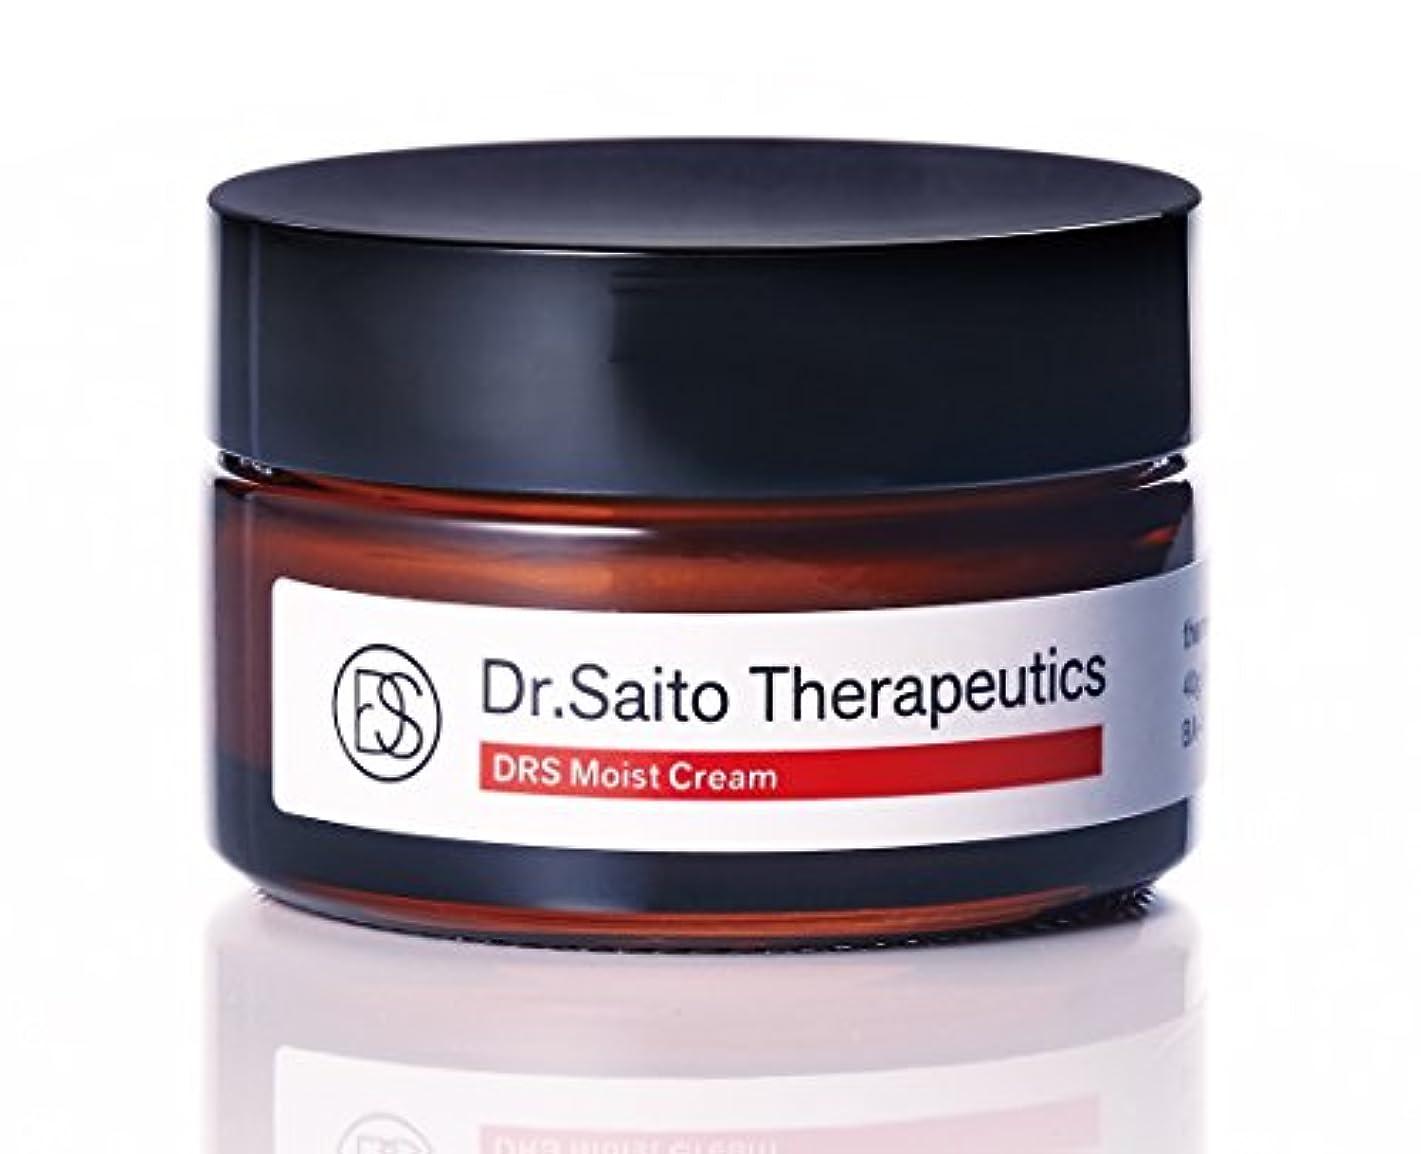 朝忌避剤ネスト日本機能性医学研究所 Dr.Saito Therapeutics「DRS保湿クリーム」40g